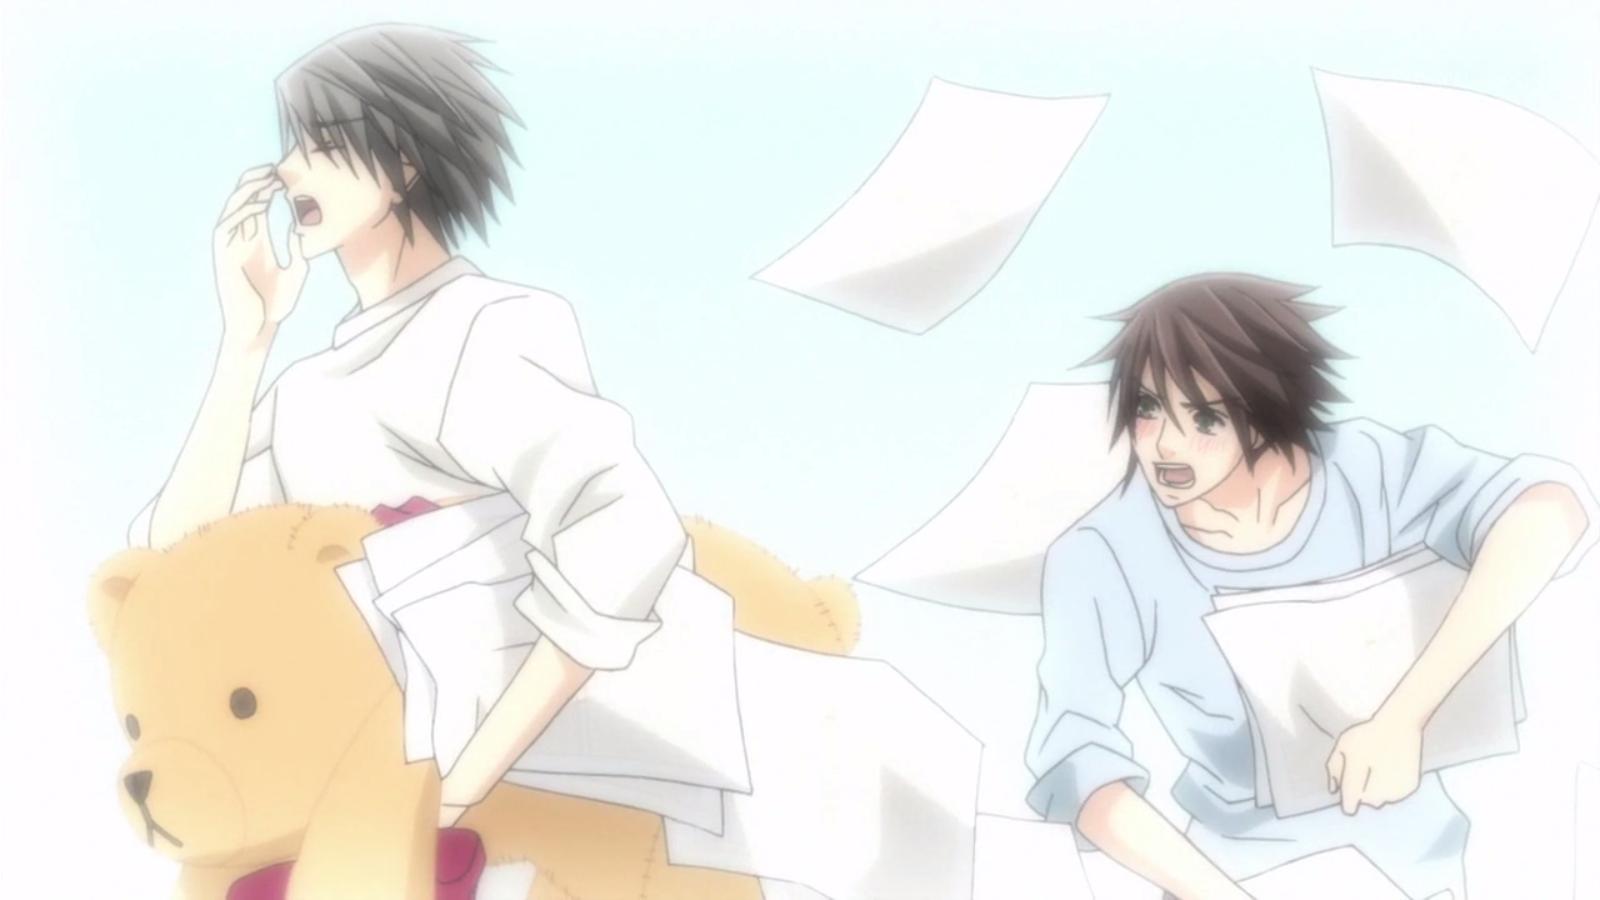 Usagi x Misaki | Sekaiichi hatsukoi X Junjou romantica ...